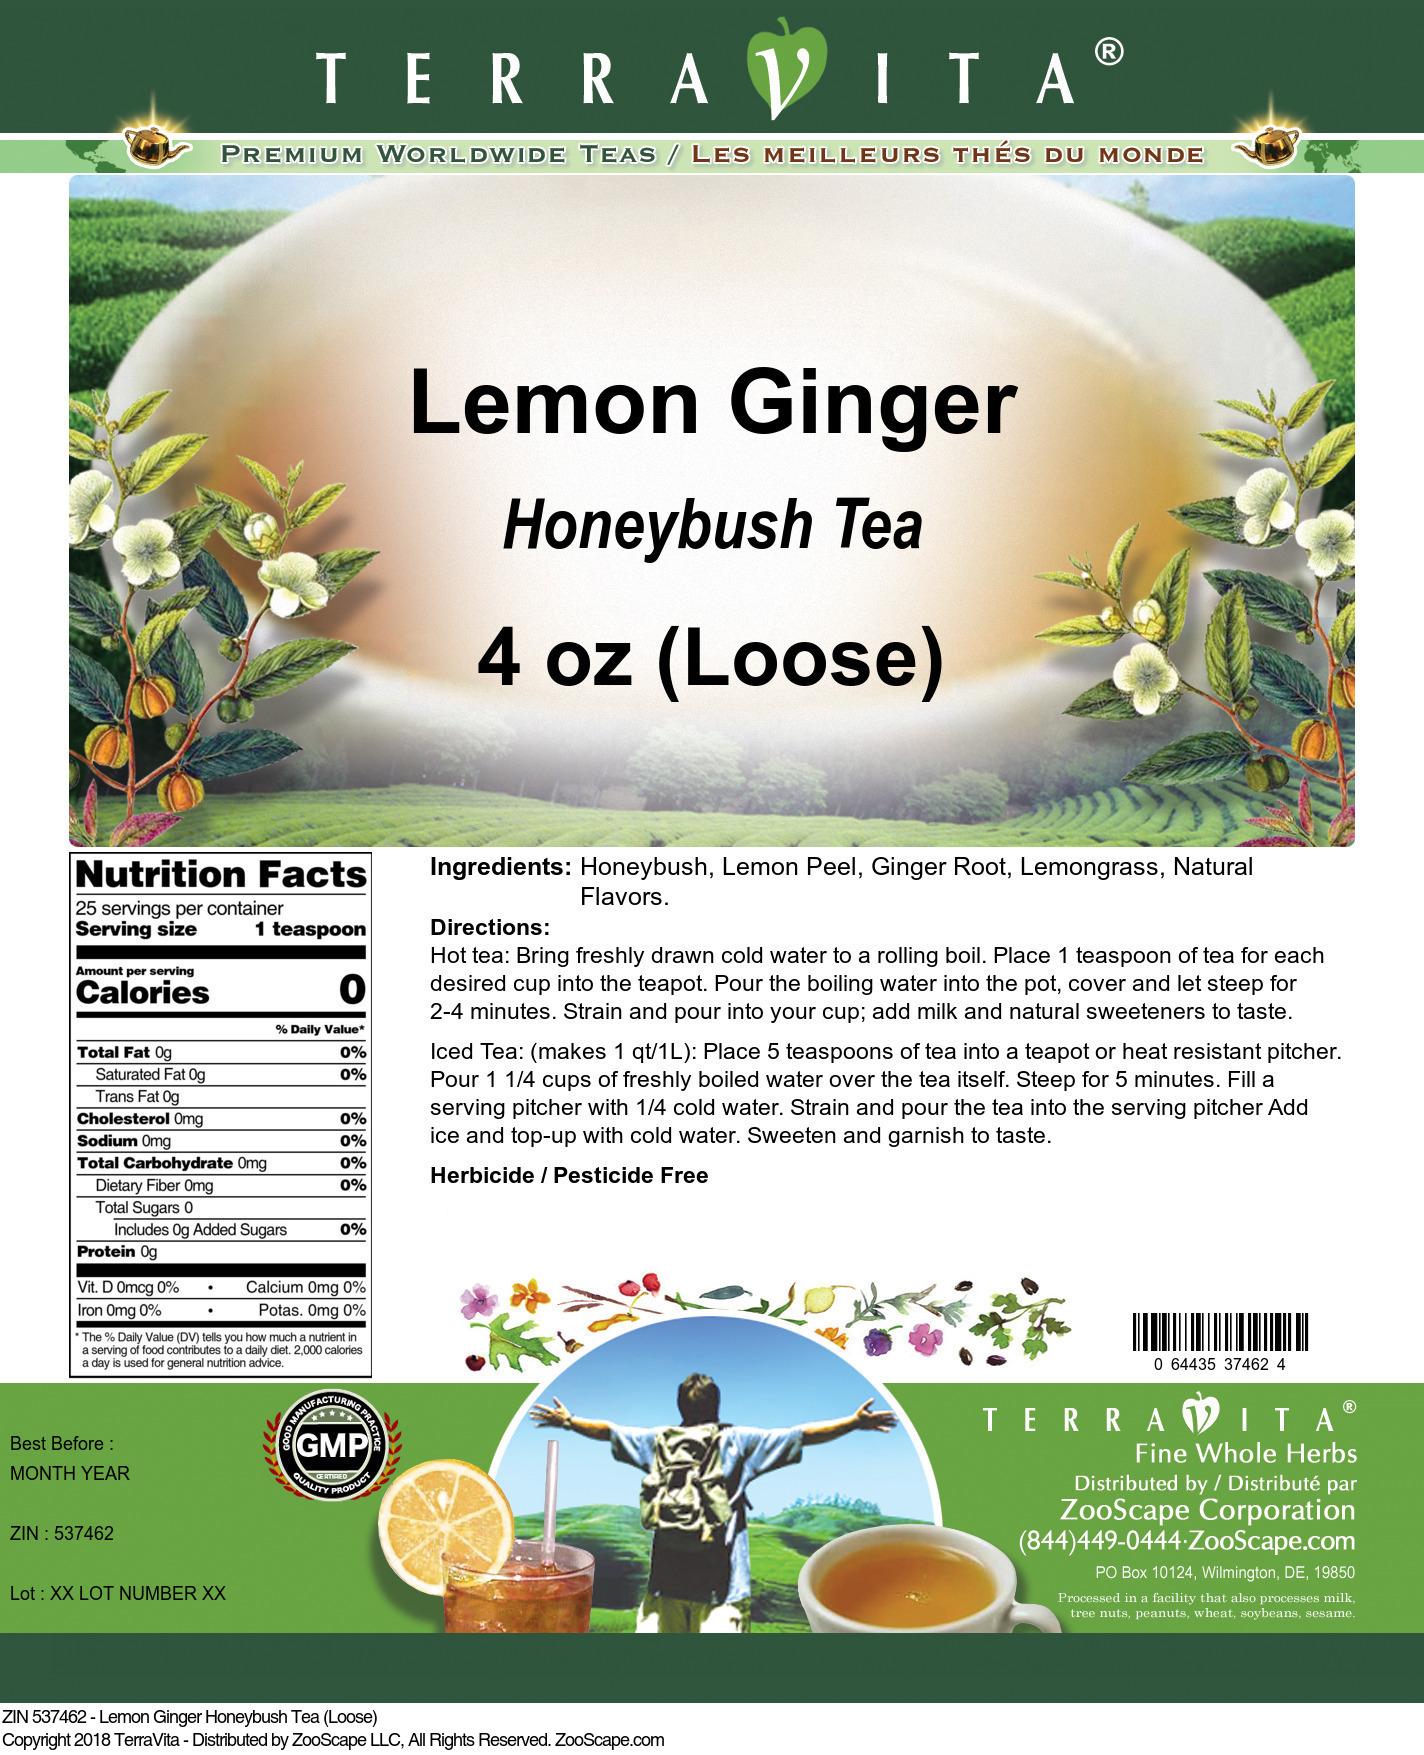 Lemon Ginger Honeybush Tea (Loose)